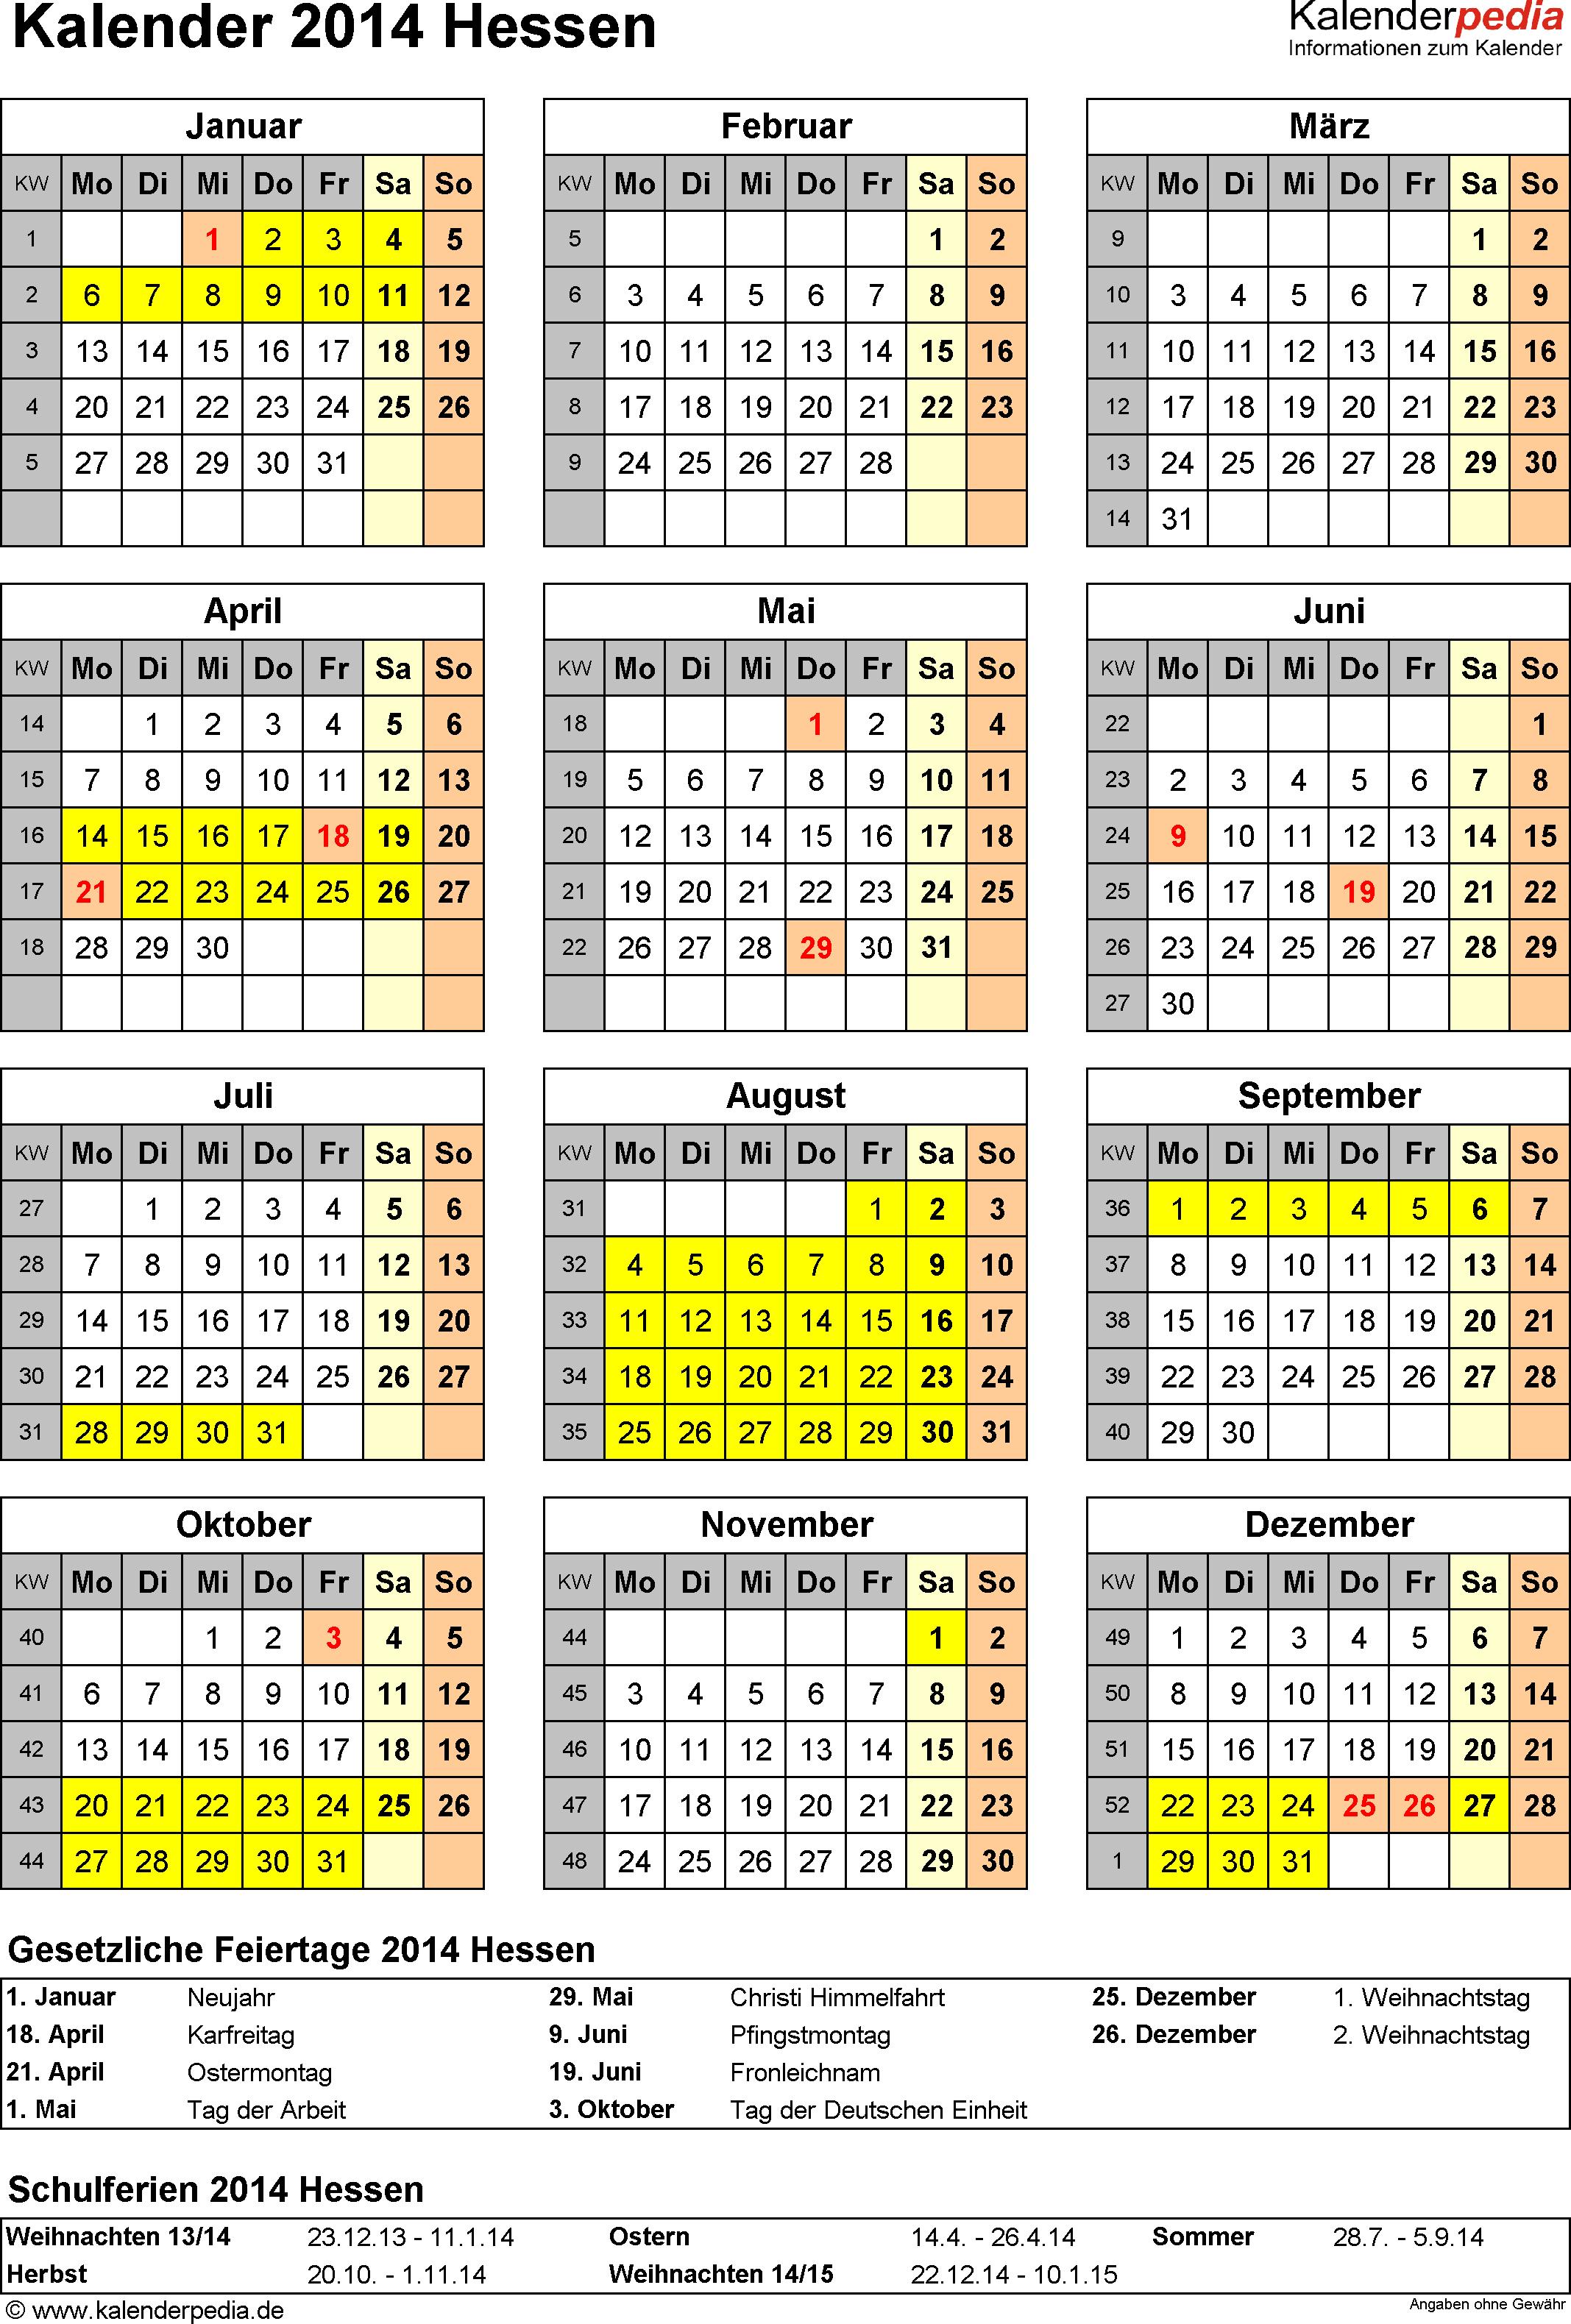 Vorlage 4: Kalender Hessen 2014 als PDF-Vorlage (Hochformat)